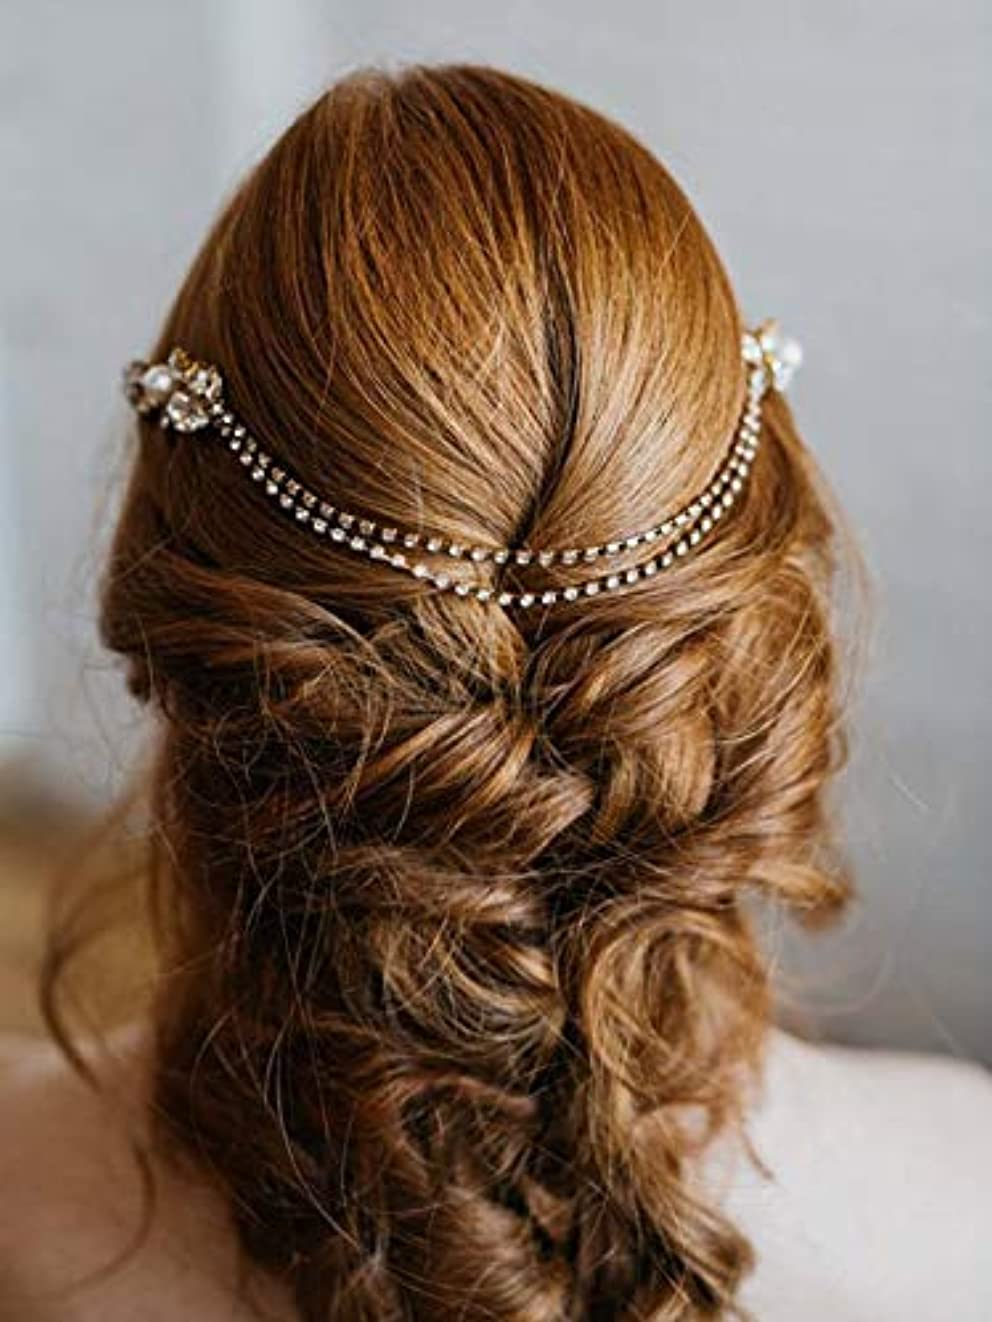 音楽家タイルビットAukmla Wedding Hair Accessories Flower Hair Combs with Chain Decorative Bridal for Brides and Bridesmaids (Silver...